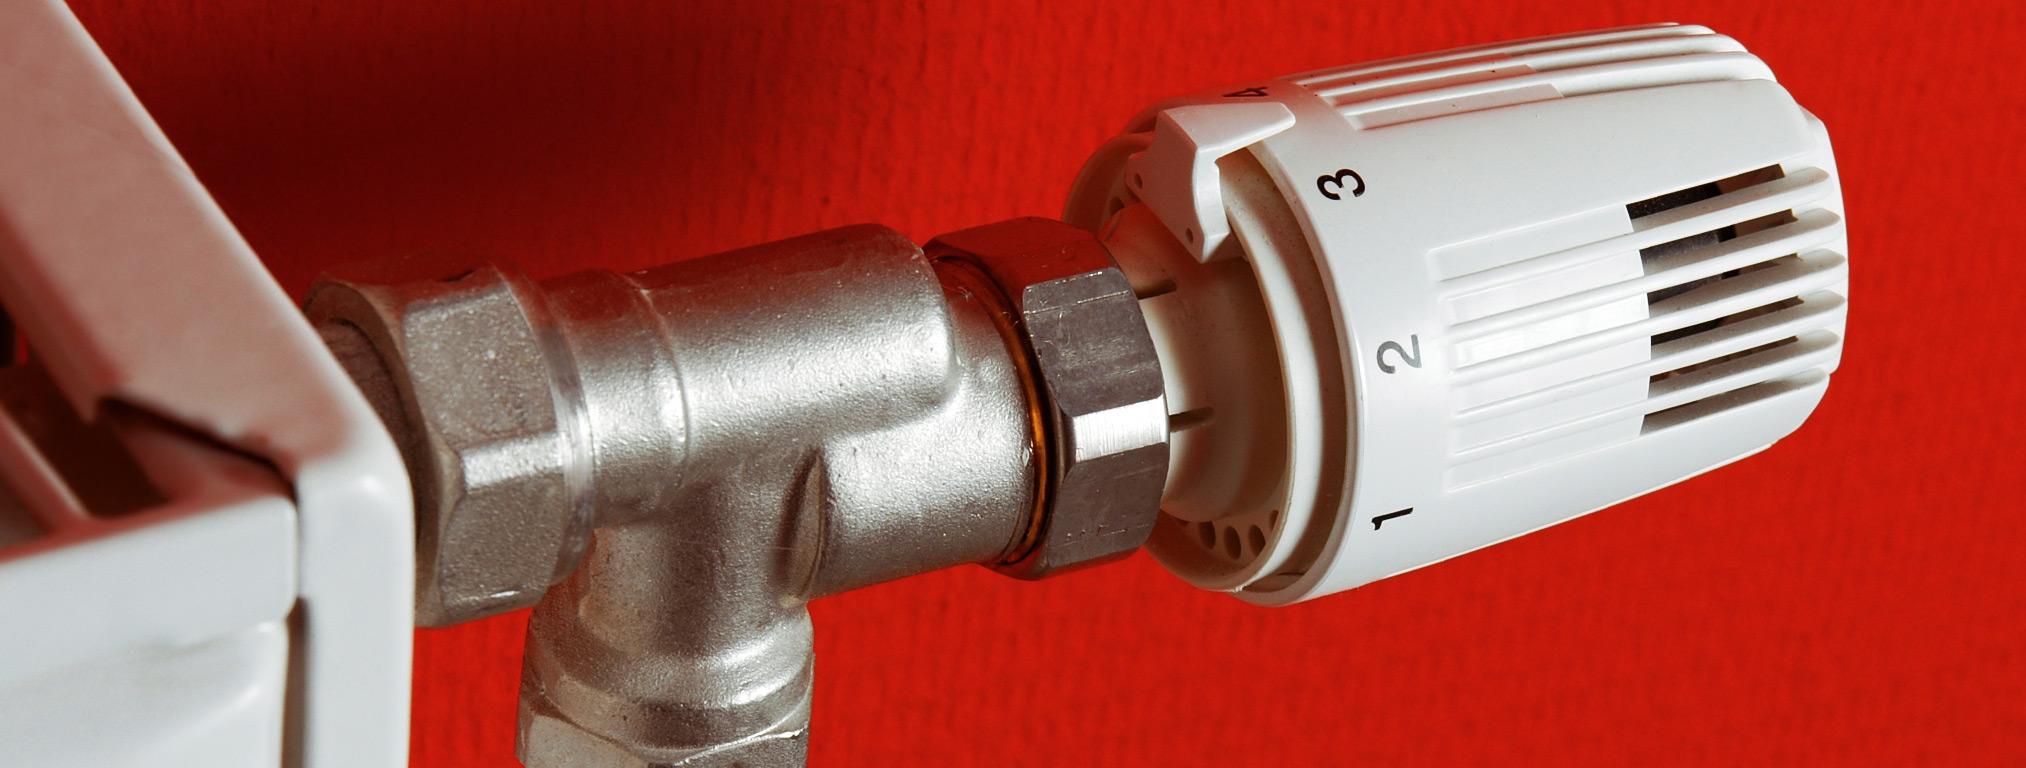 Radiator power flushing